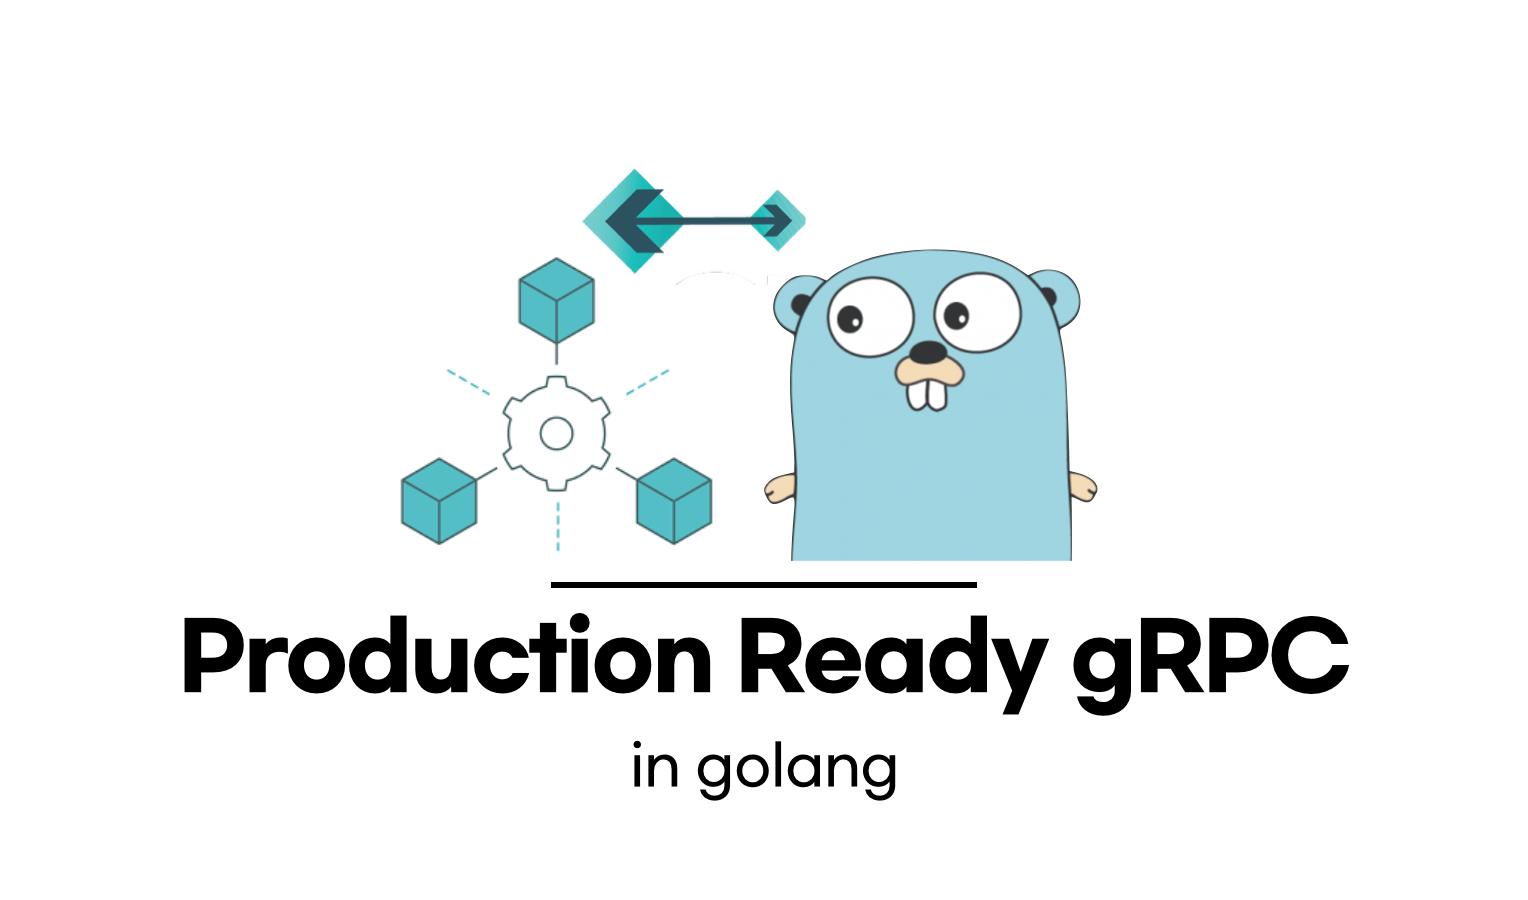 프로덕션 환경에서 사용하는 golang과 gRPC